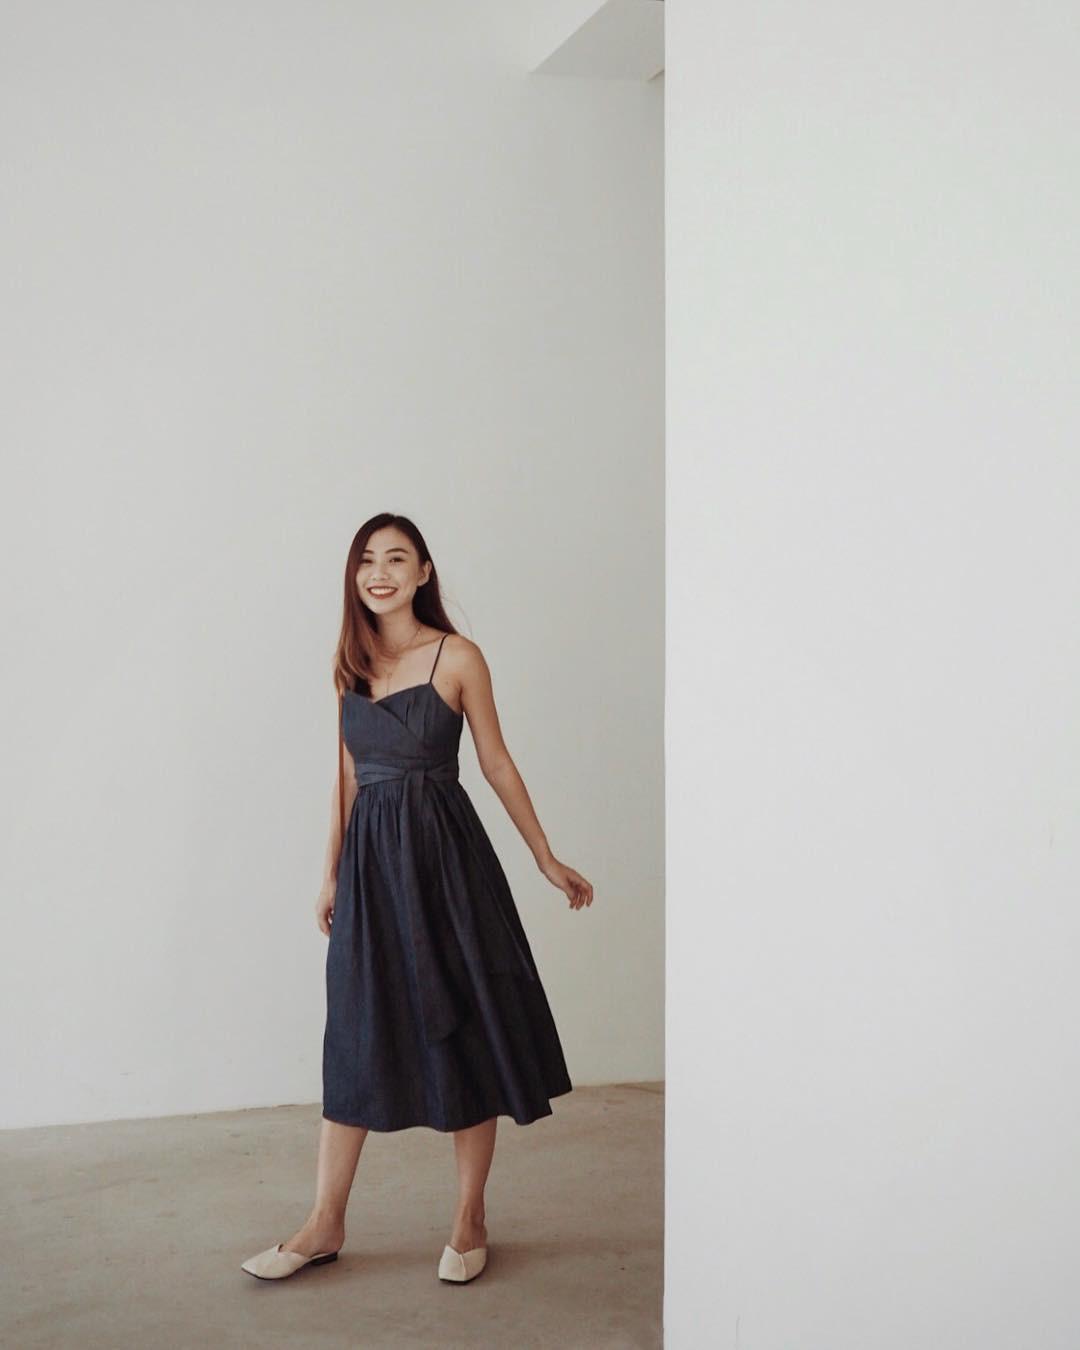 Nhờ một mẫu váy: Hà Tăng, Phạm Quỳnh Anh và Đàm Thu Trang khiến người ta nín lặng trước vẻ sexy và sang chảnh tột bậc - Ảnh 7